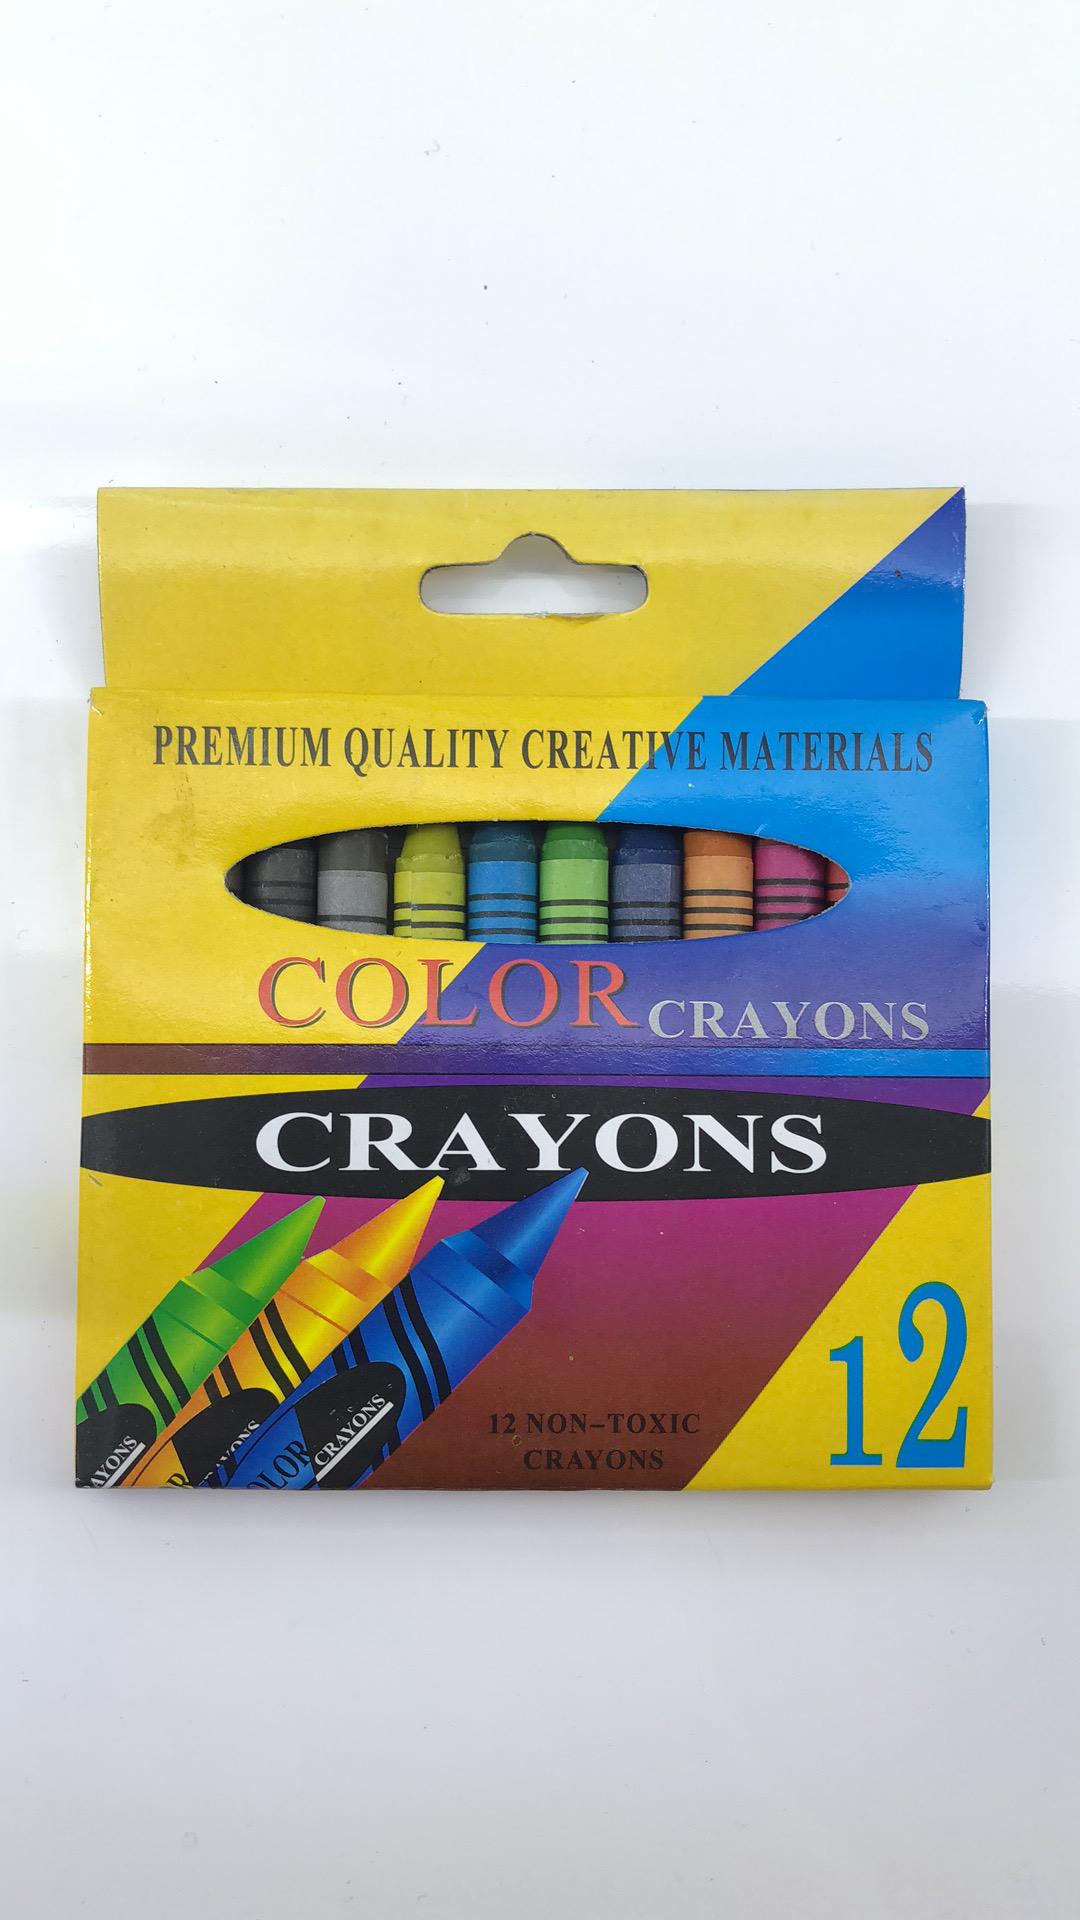 12色蜡笔油画棒专业学生幼儿绘画办公学习用品安全无毒环保